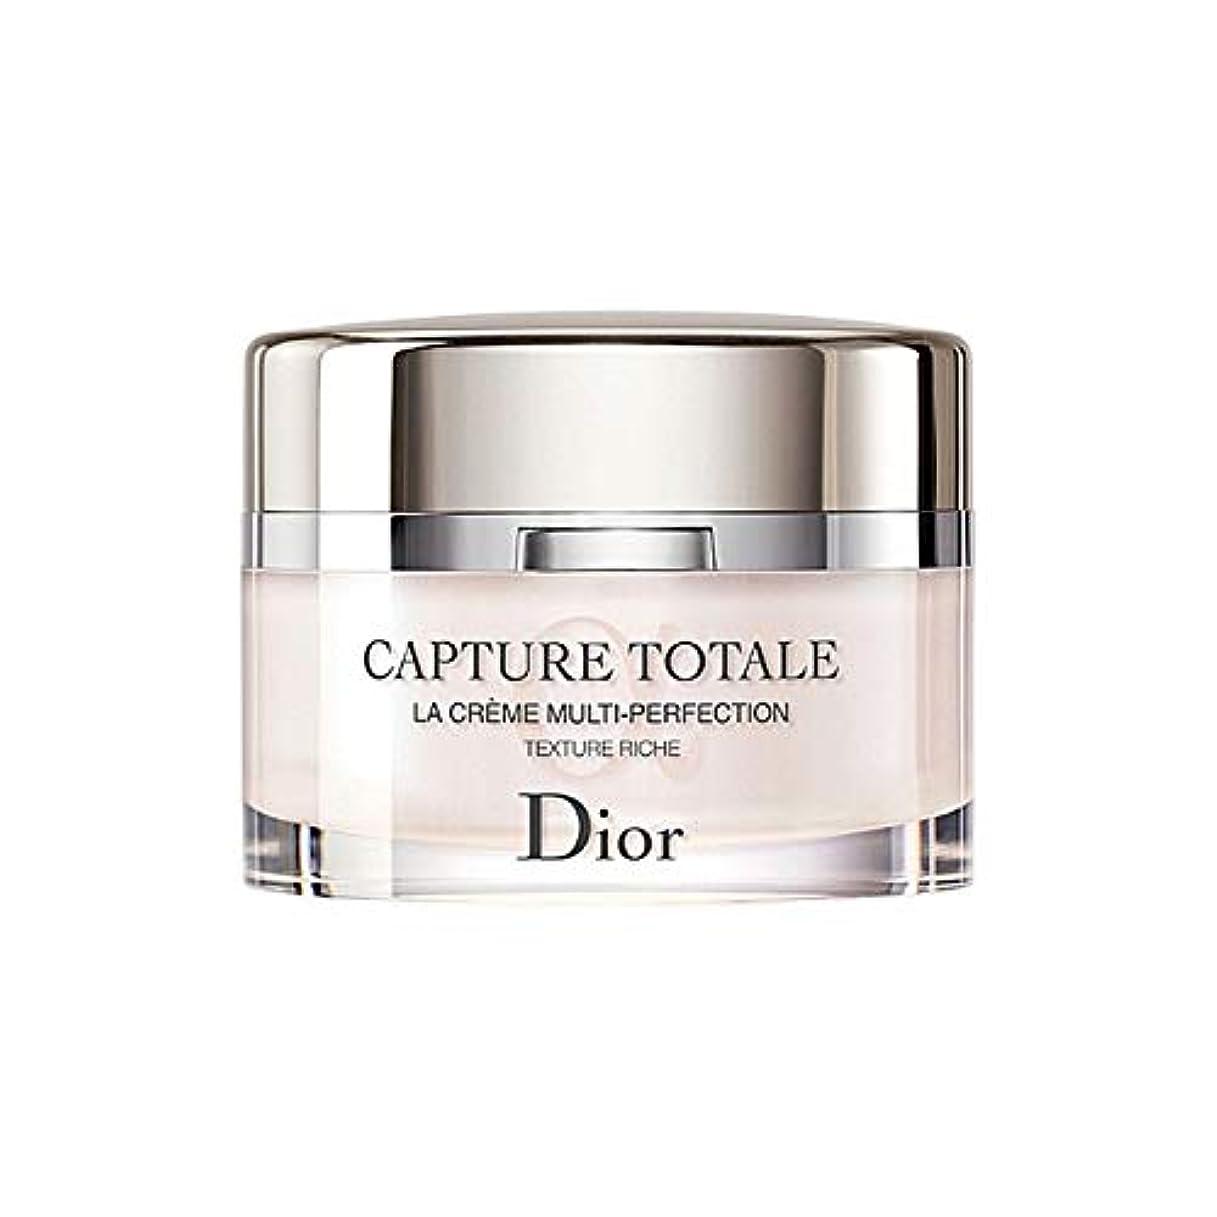 発表オフセット滑り台[Dior] ディオールマルチパーフェクションクリーム豊富なテクスチャー60ミリリットル - Dior Multi-Perfection Creme Rich Texture 60ml [並行輸入品]